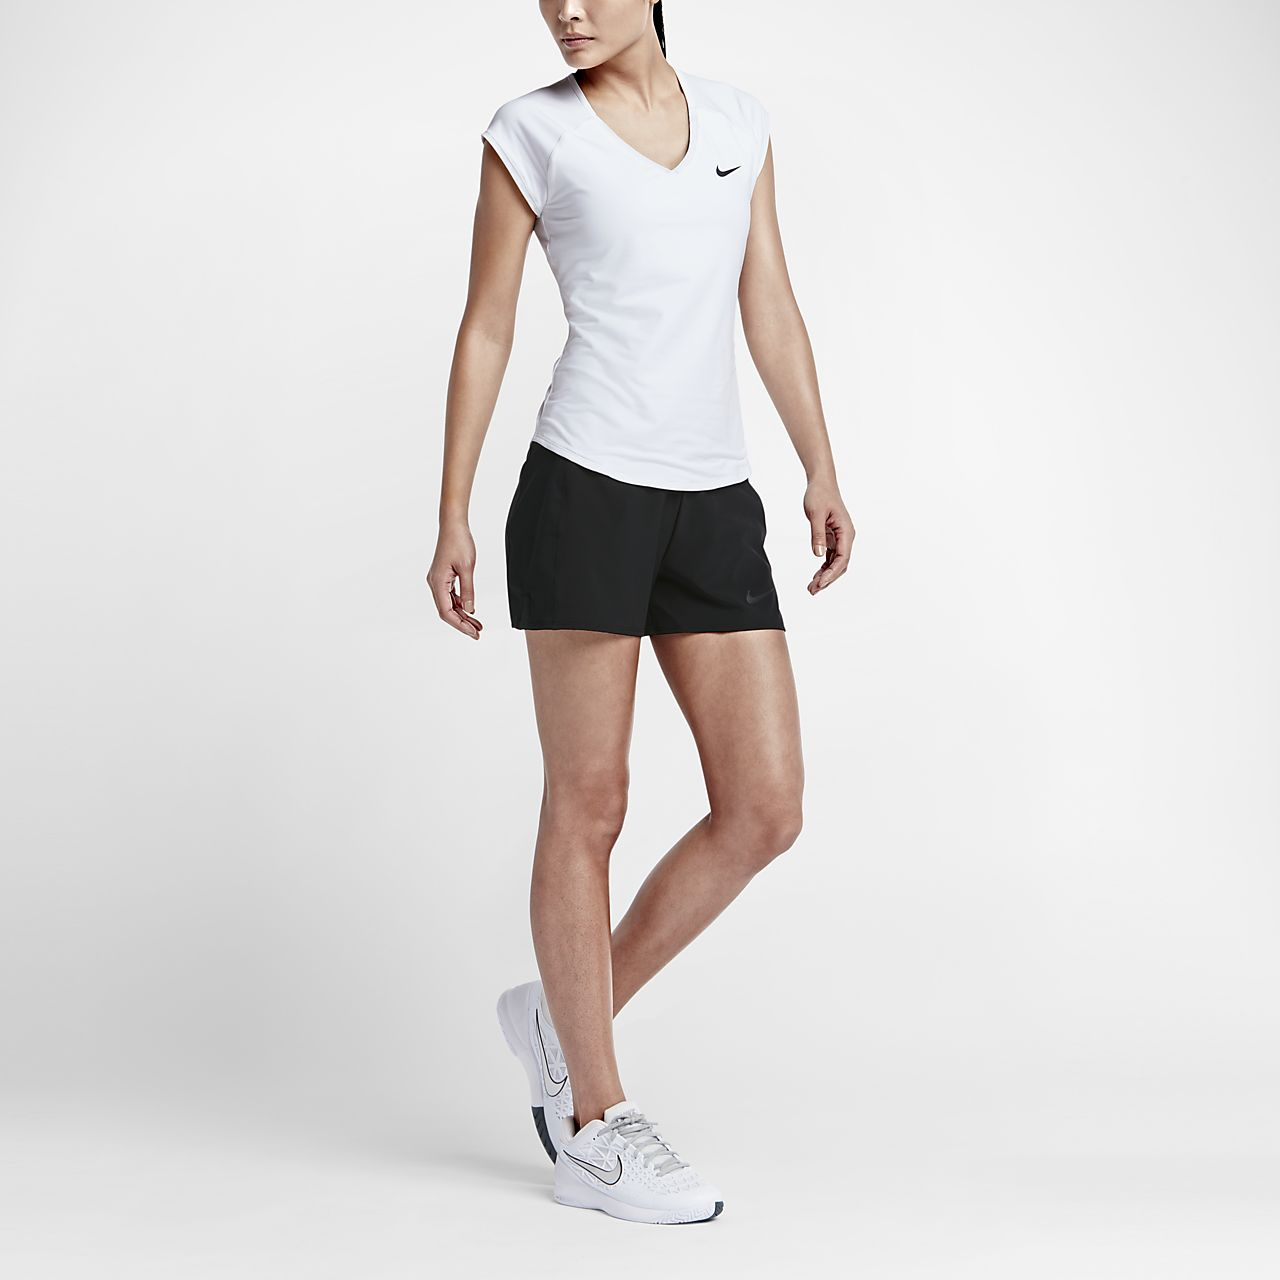 efb1814bb358 Haut de tennis NikeCourt Pure pour Femme. Nike.com FR